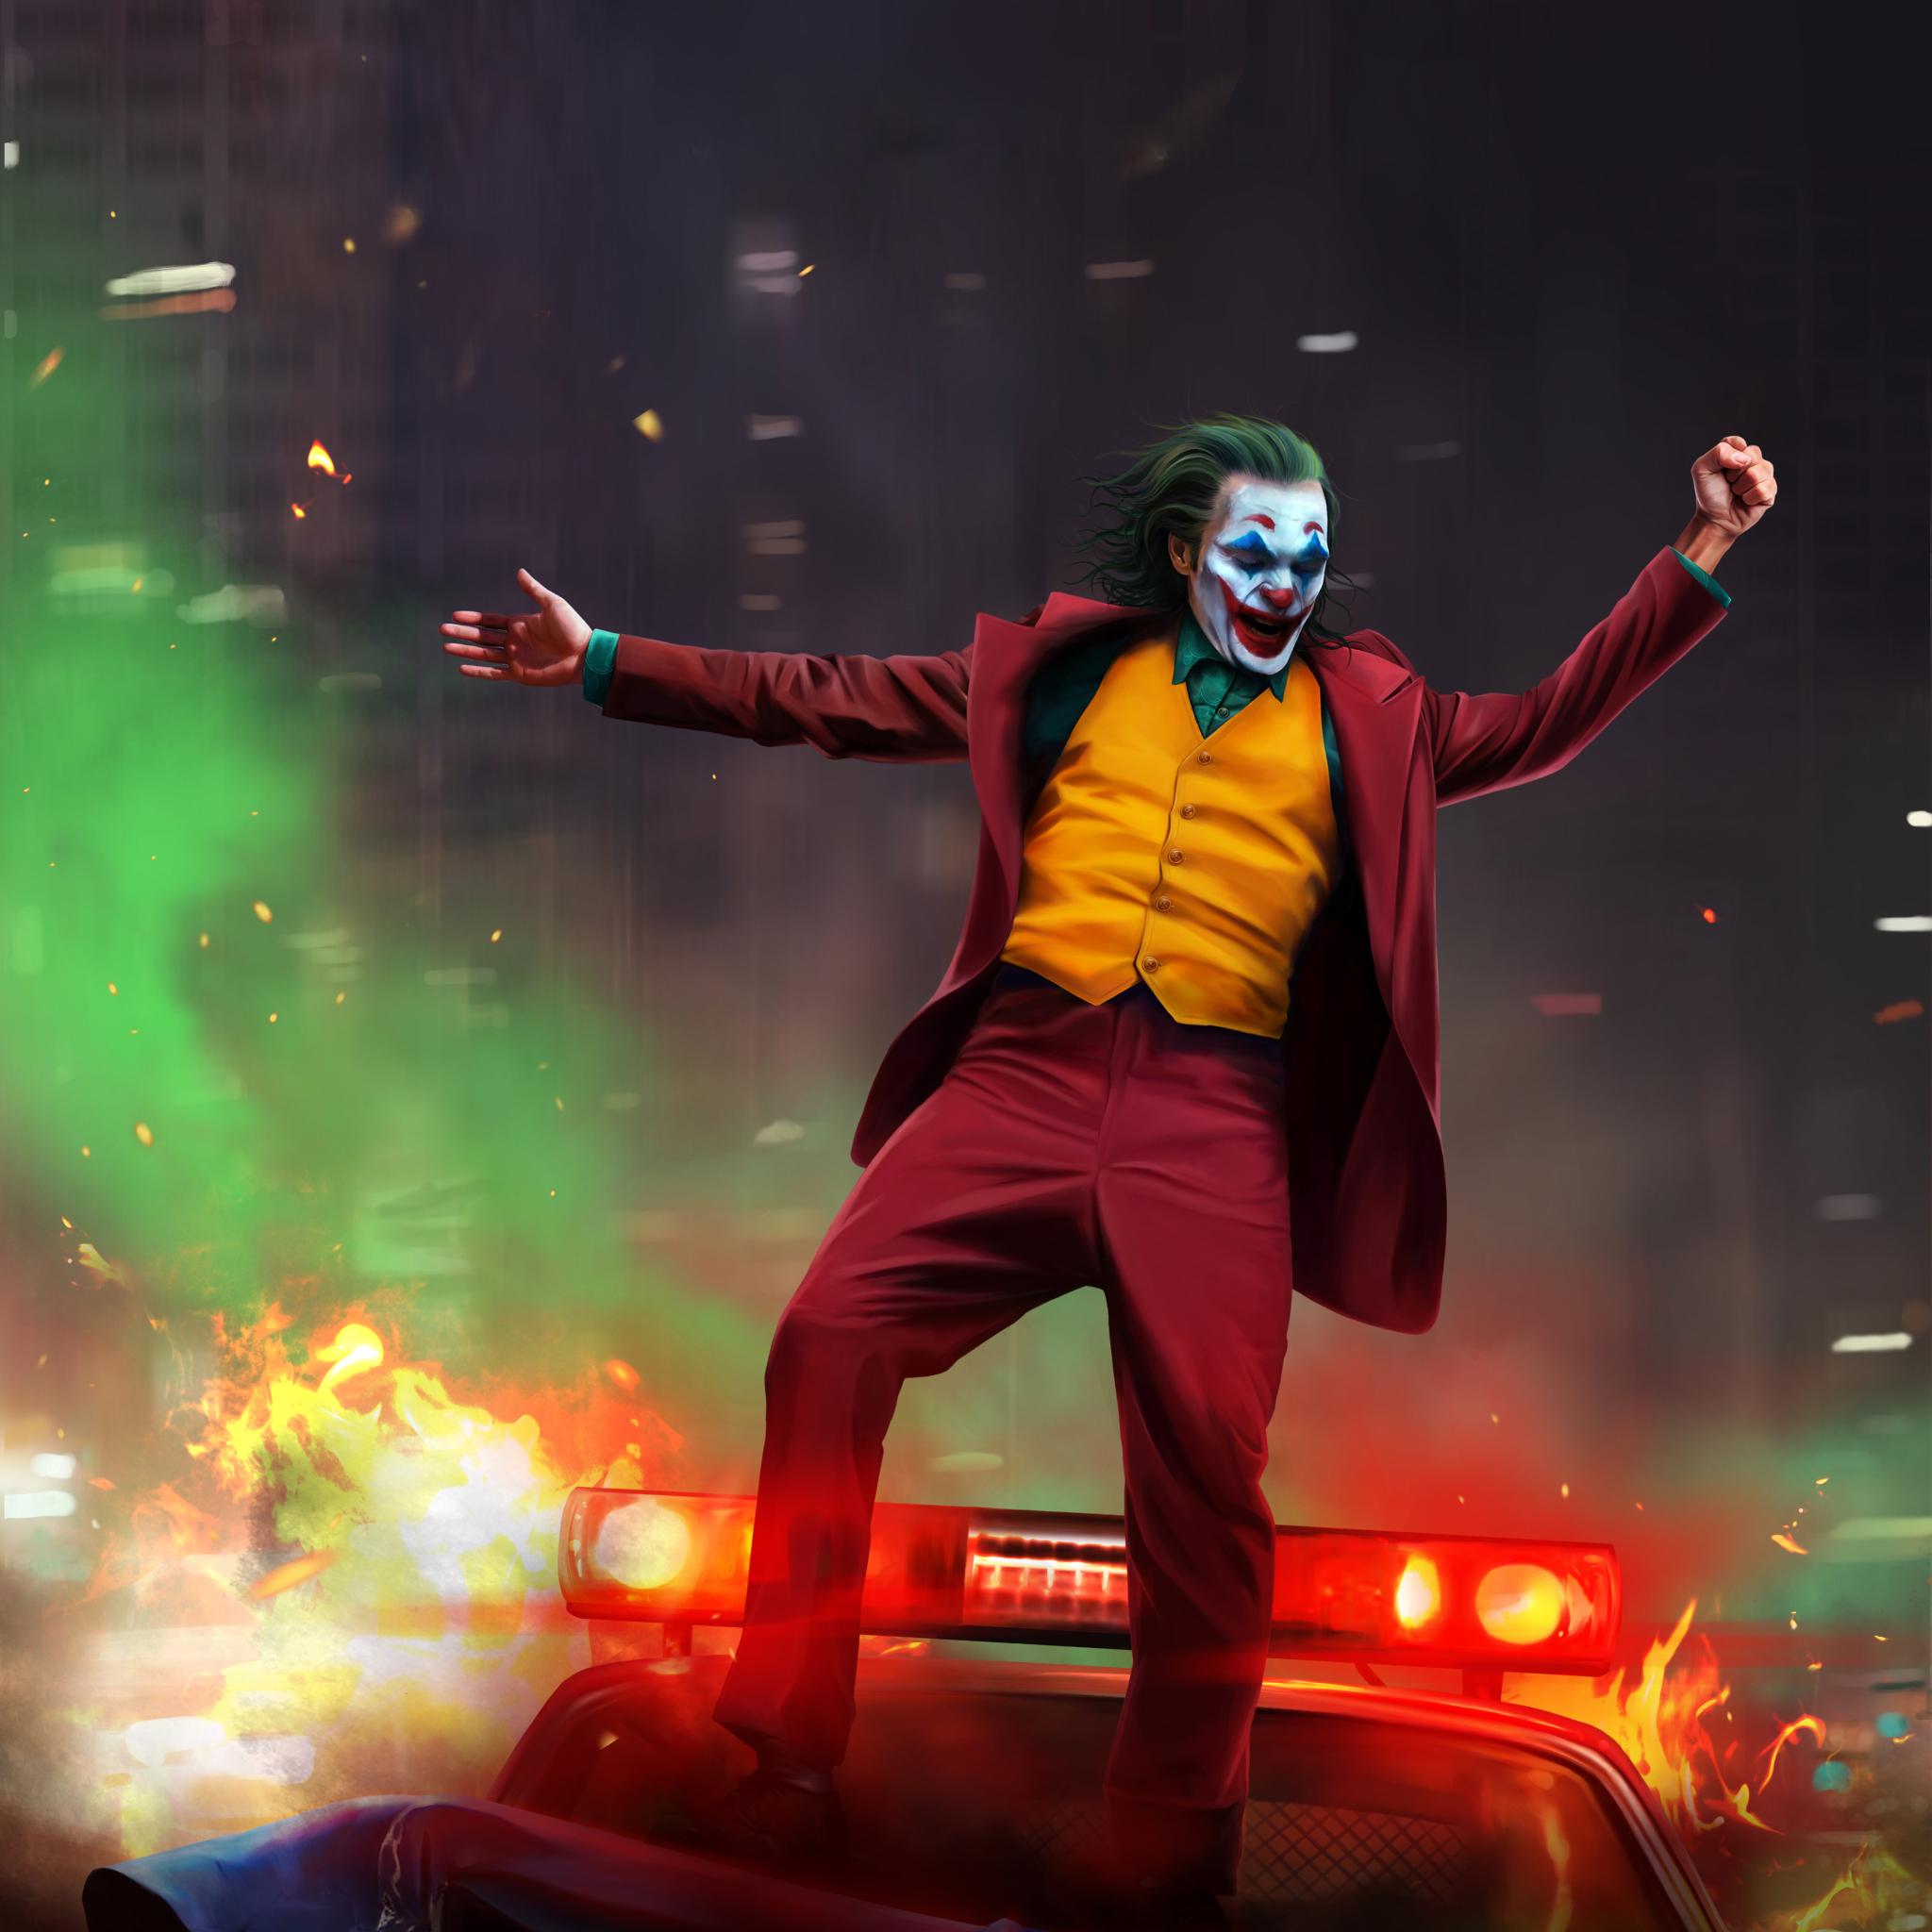 2048x2048 Joker 2019 Artwork Ipad Air Wallpaper, HD Artist